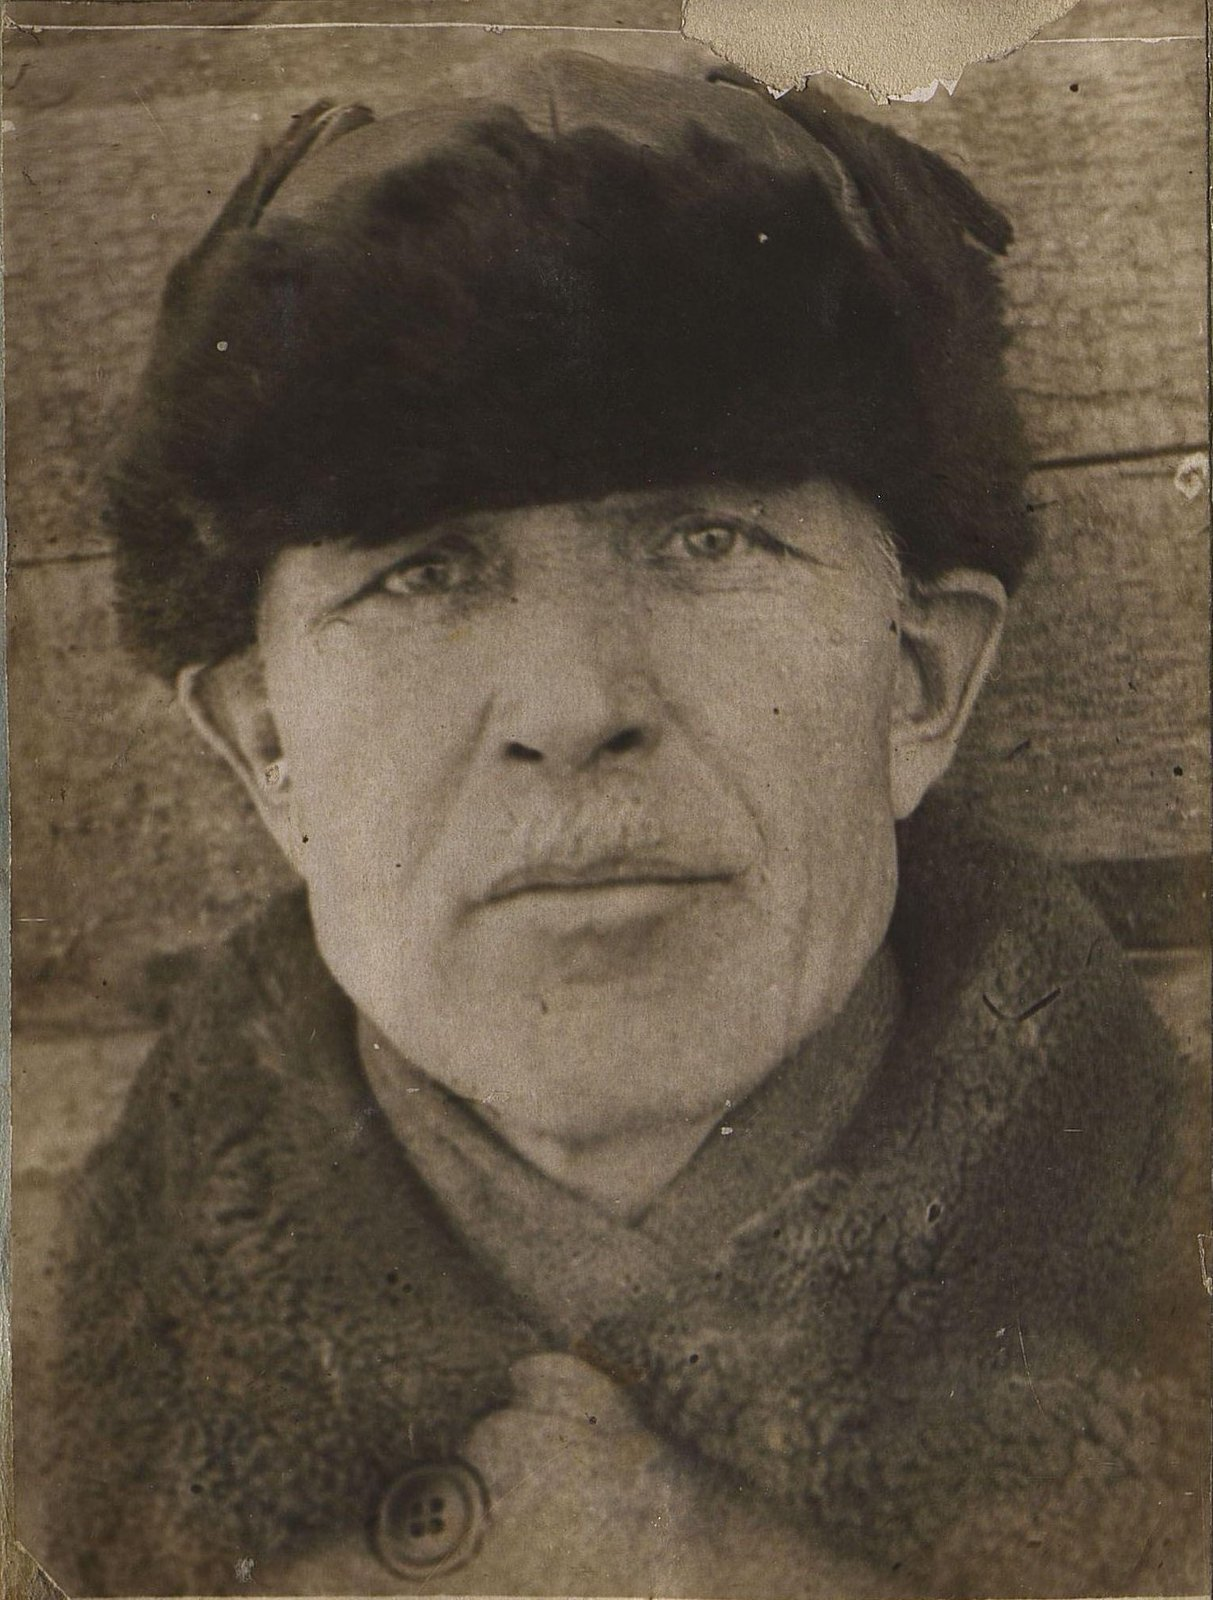 25. 1937. Ушаков Иван Ефимович, начальник строительства дома на Можайском шоссе